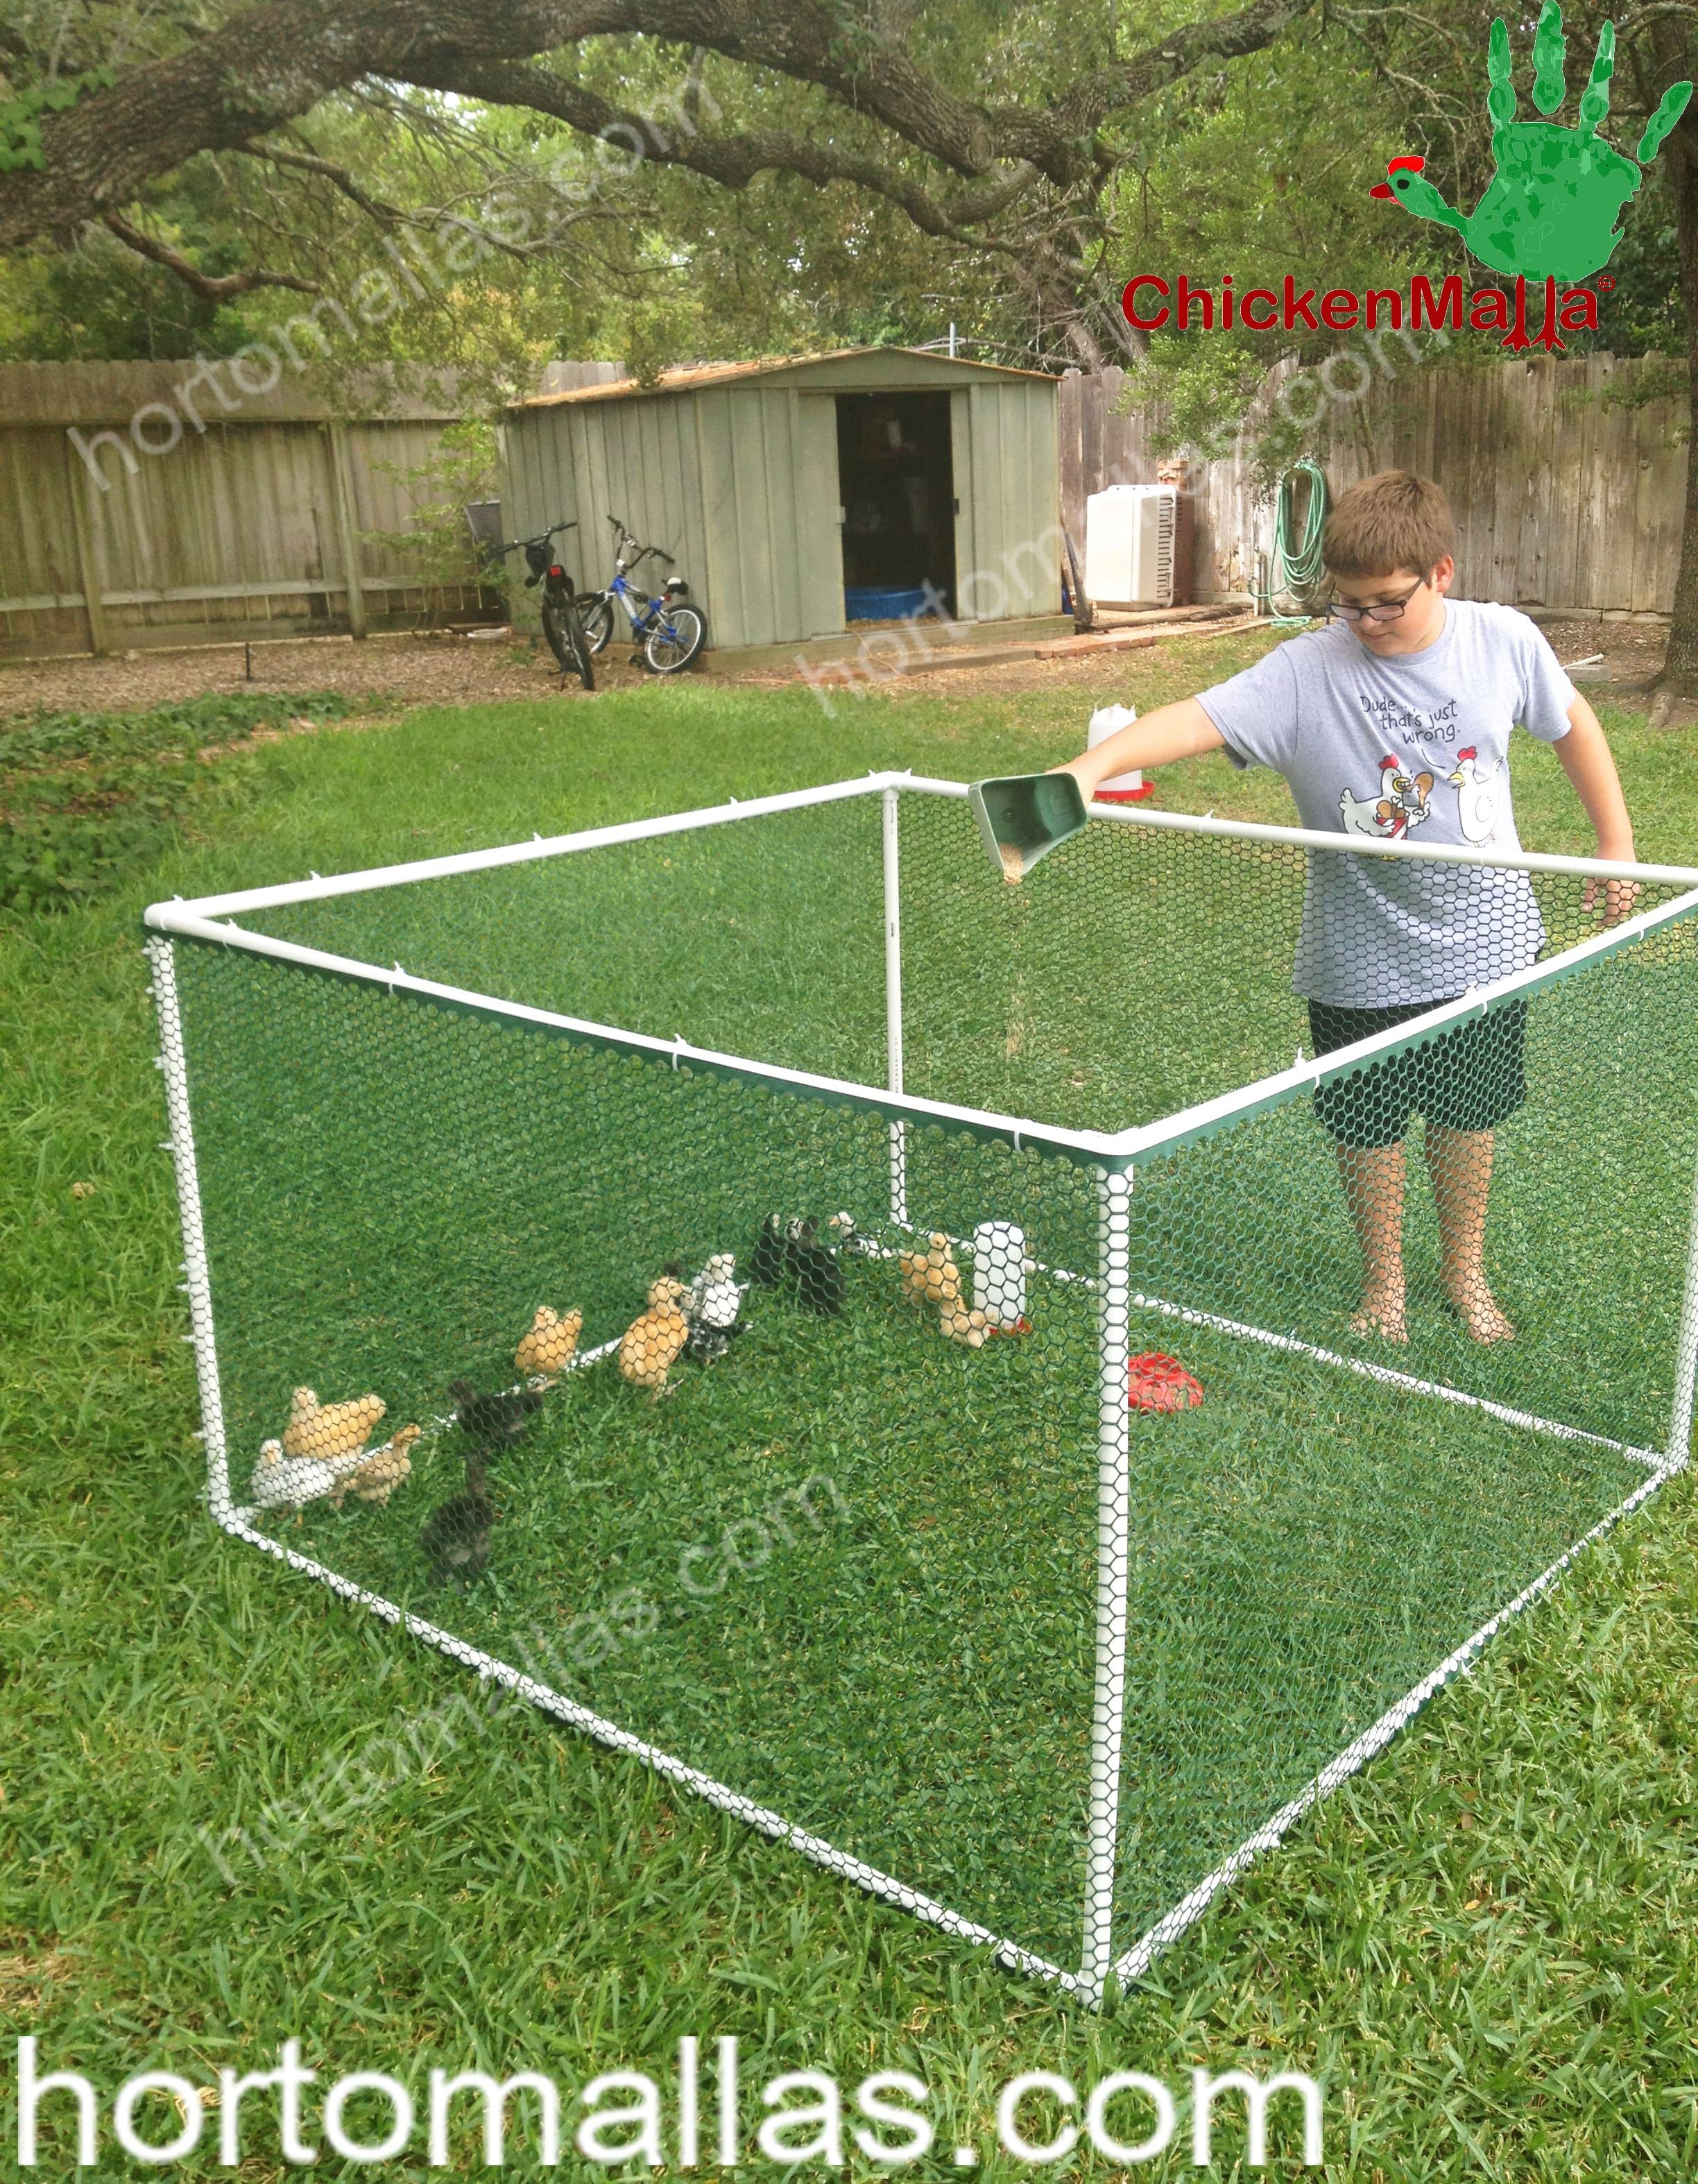 Podem ser criadas capoeiras, muito facilmente, com a malha/rede CHICKENMALLAS para galinhas/frangos.